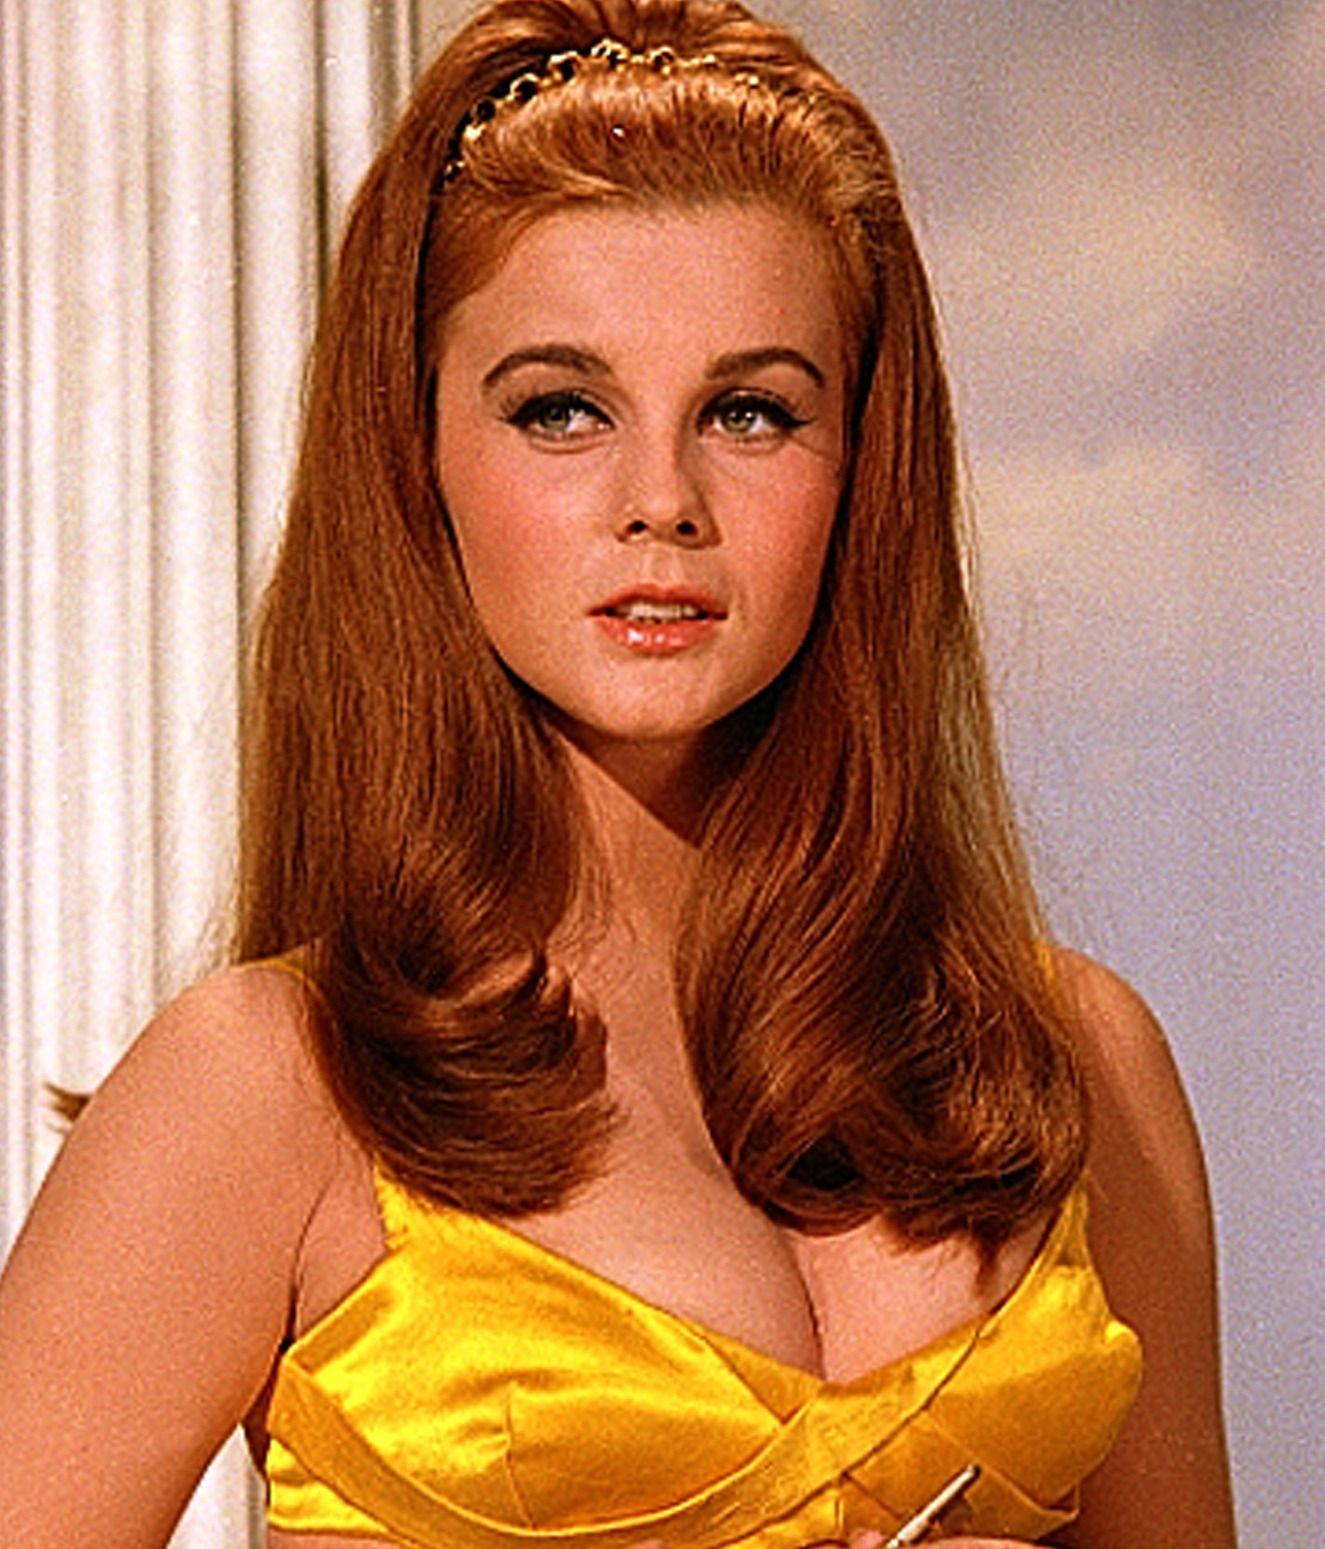 SVENSK STJERNE: Det var denne kvinnen, filmstjernen Ann-Margret, som oppdaget Bo Derek på 70-tallet.